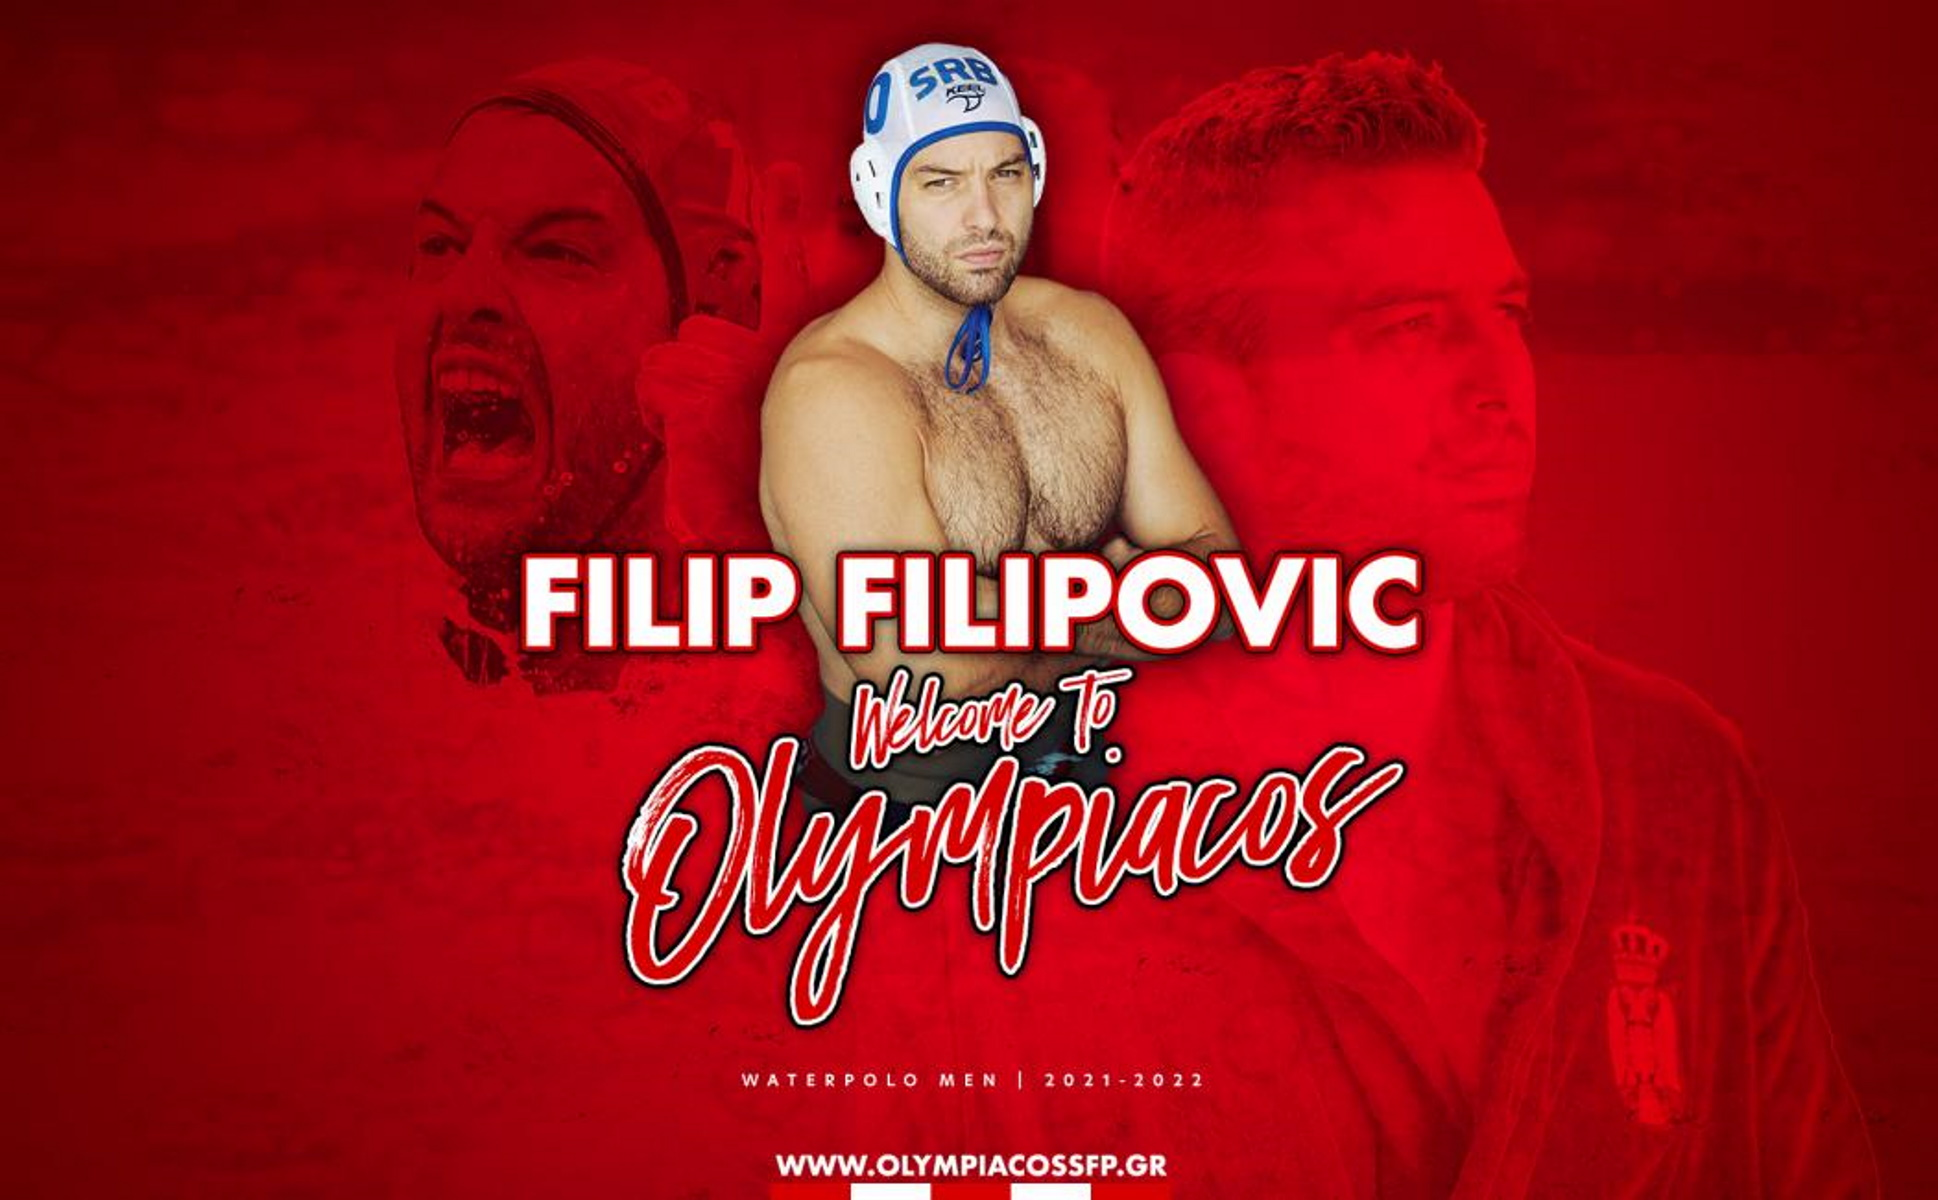 """Ολυμπιακός: """"Βόμβα"""" μεγατόνων με Φιλίποβιτς"""